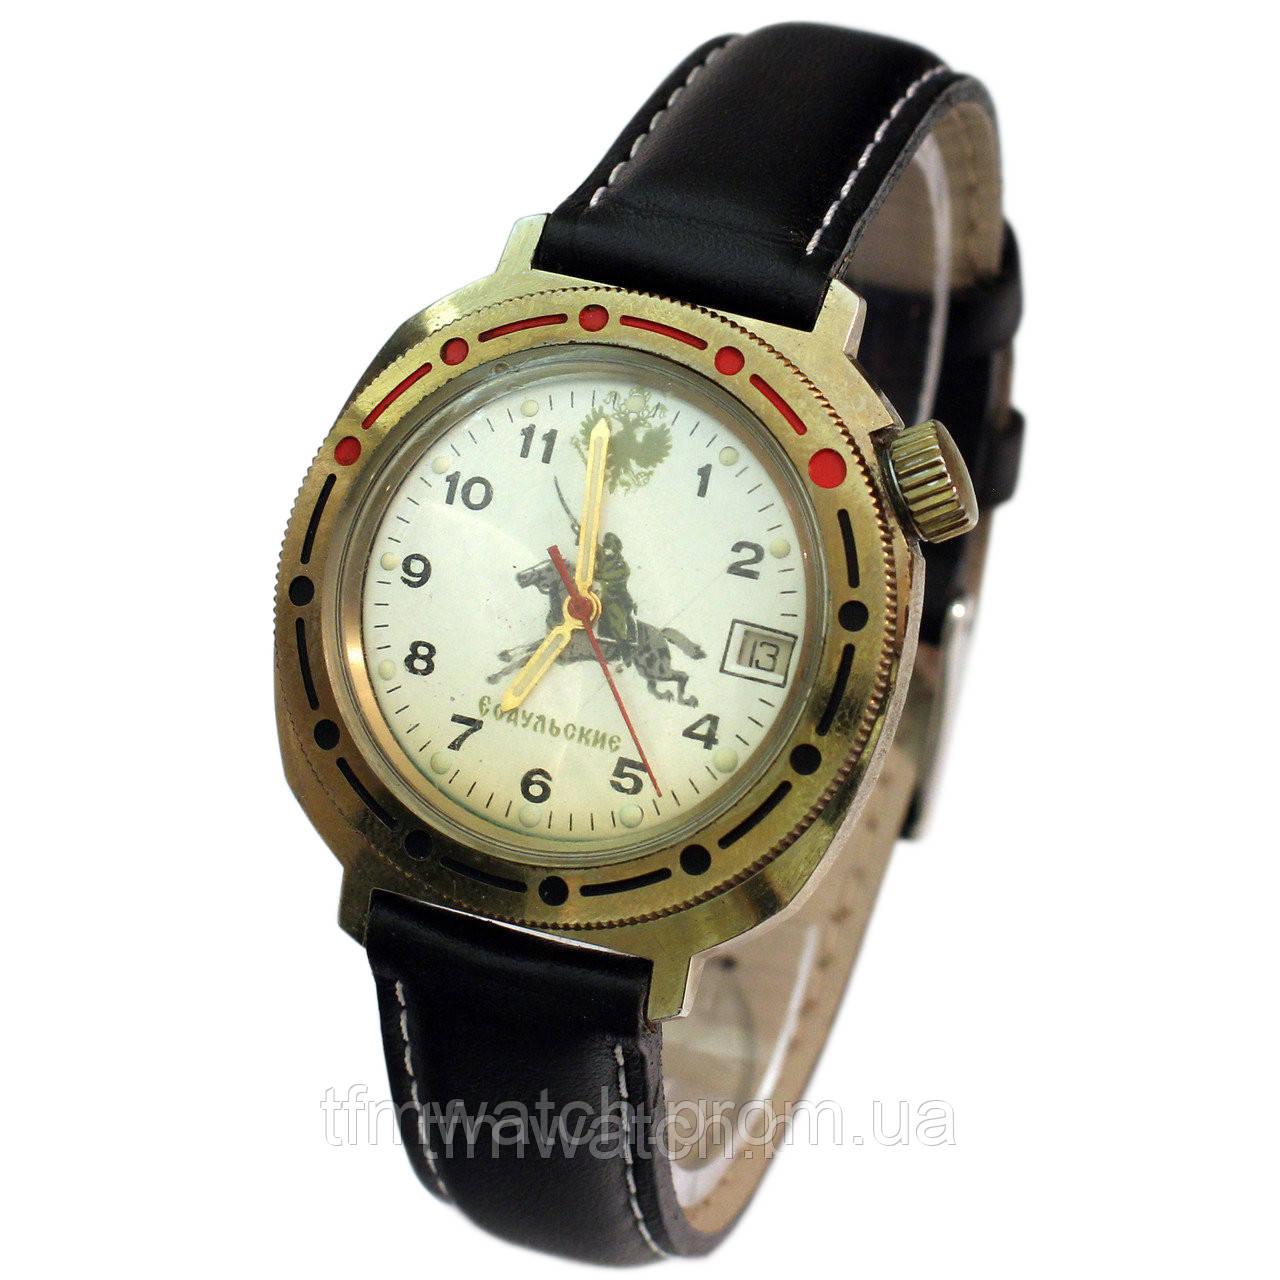 Восток цена часы продать скупка часов онлайн